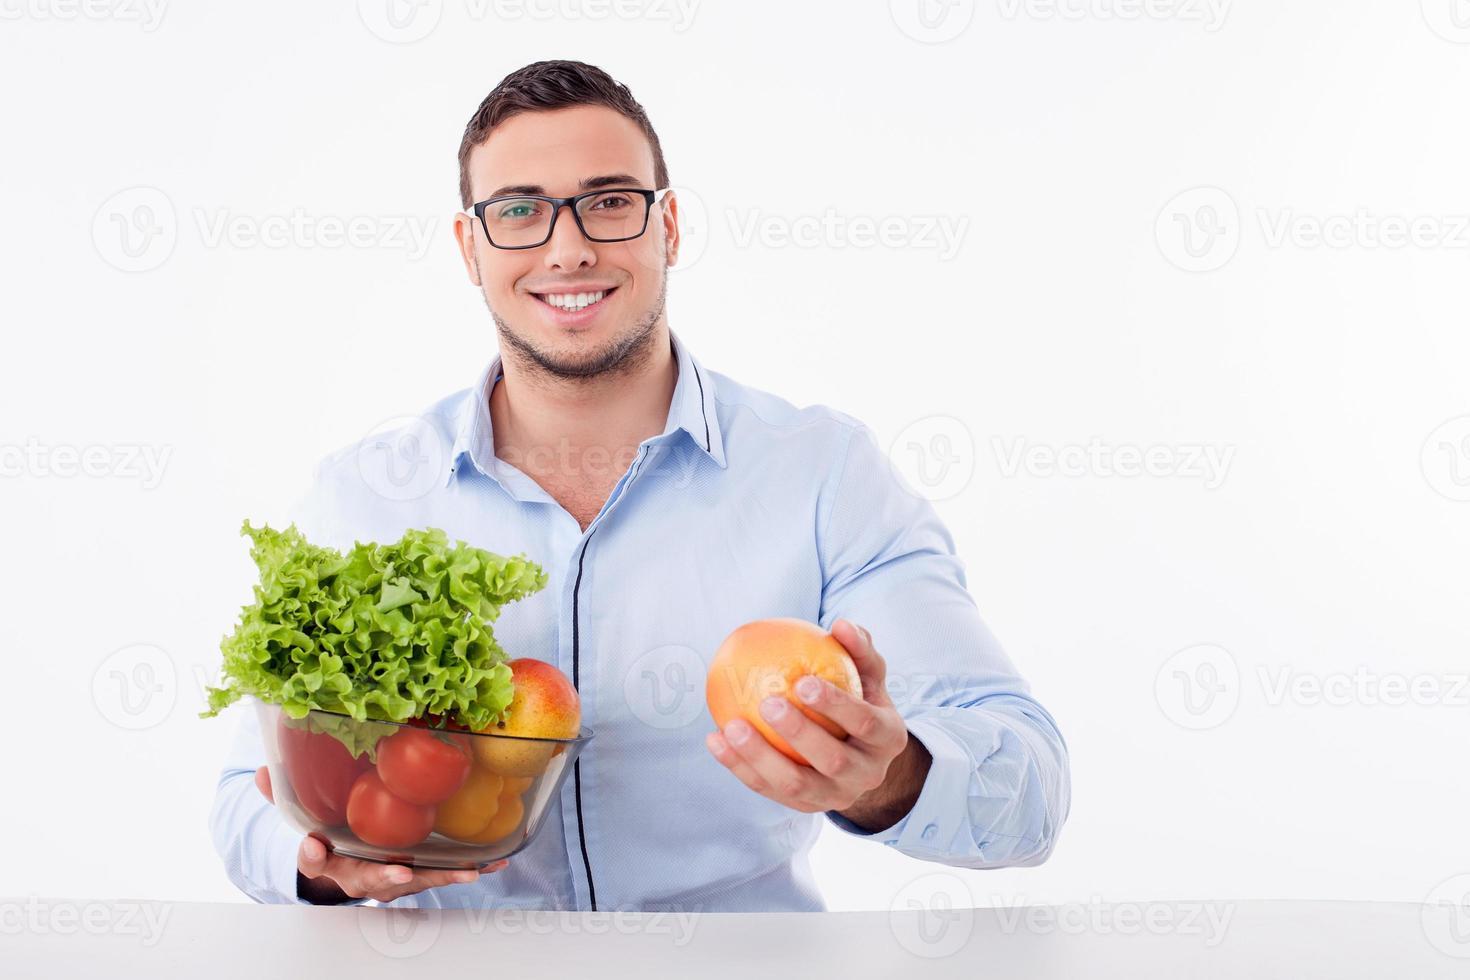 cara jovem atraente é comer comida saudável foto